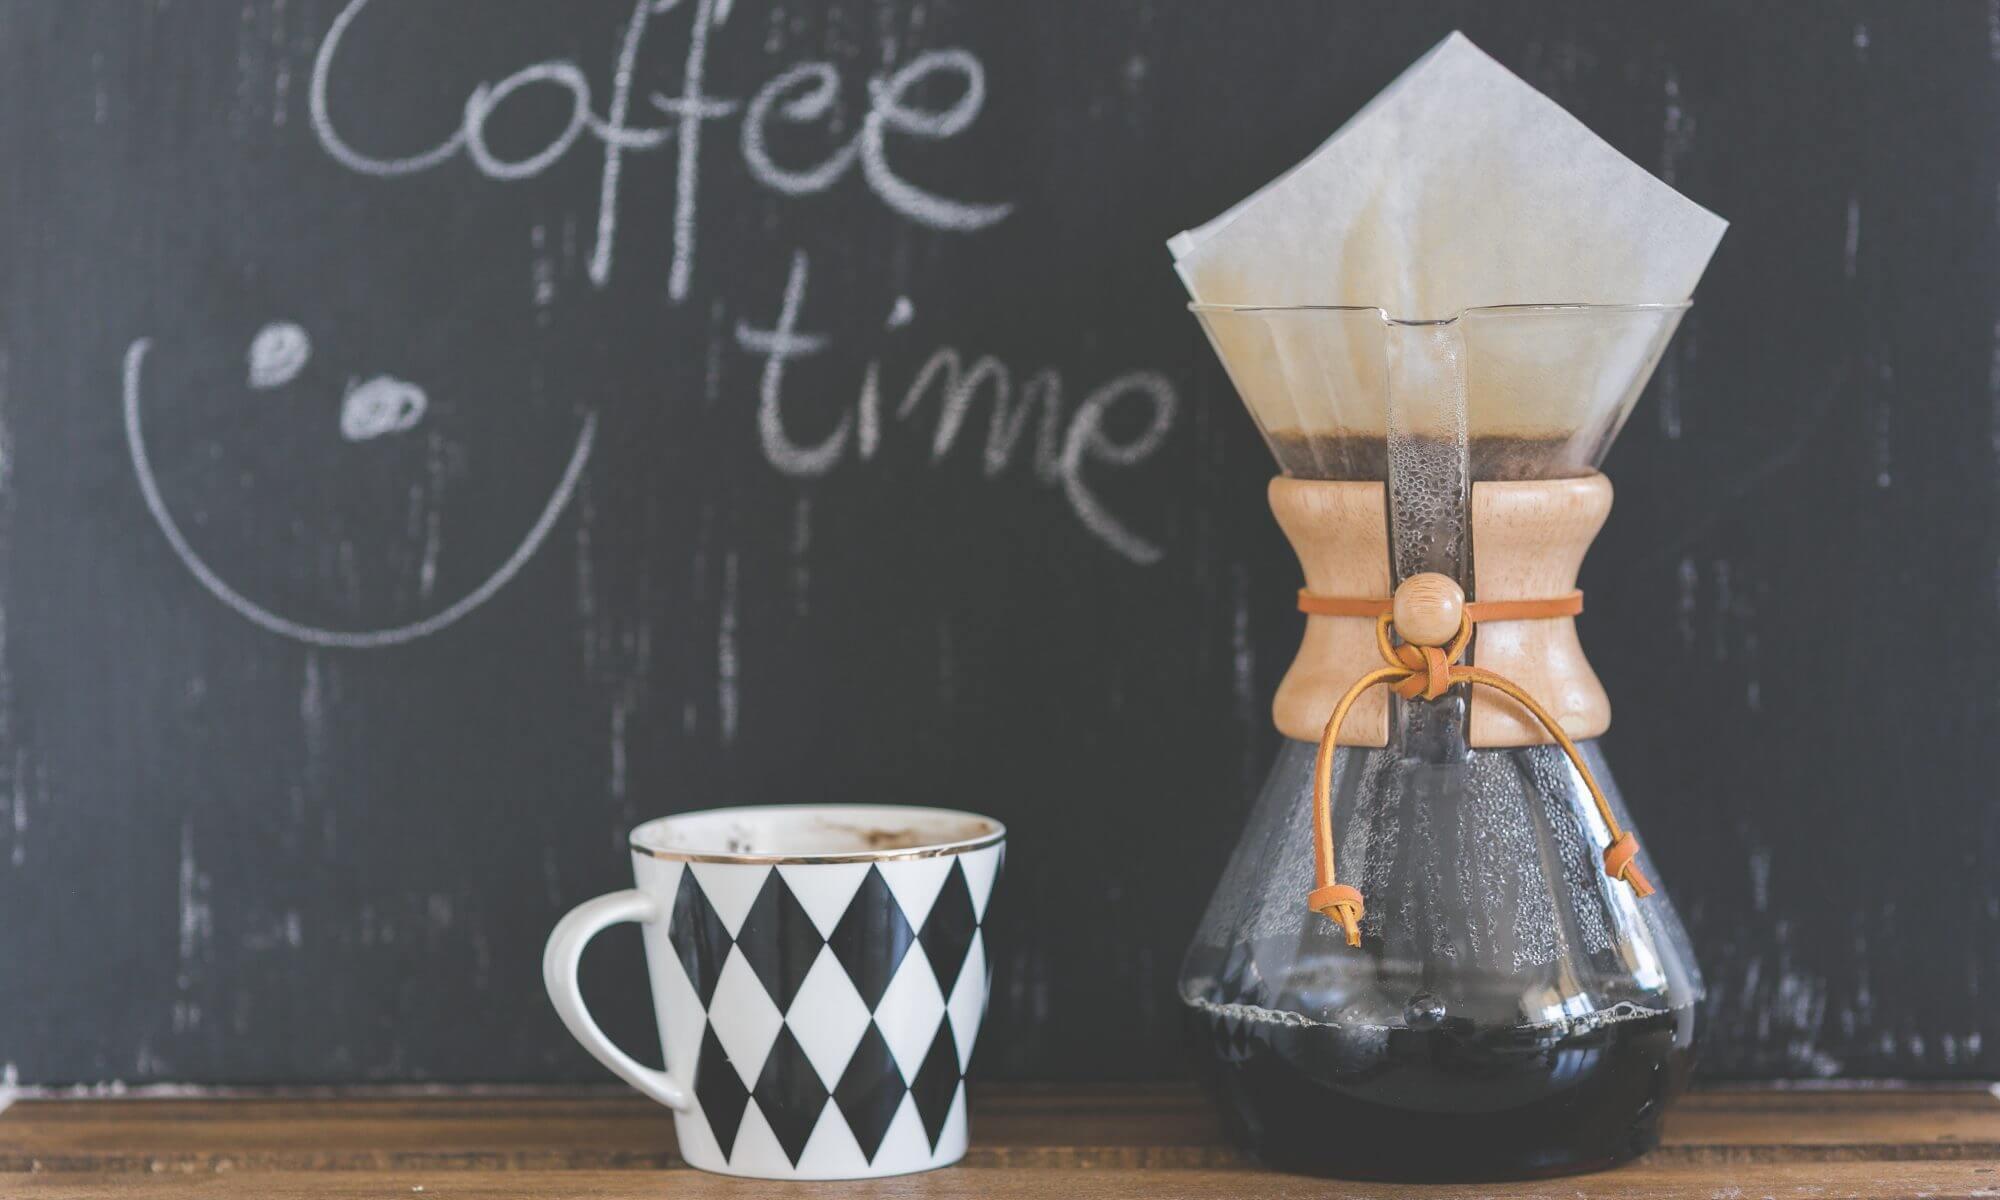 Création exceptionnelle d'un café